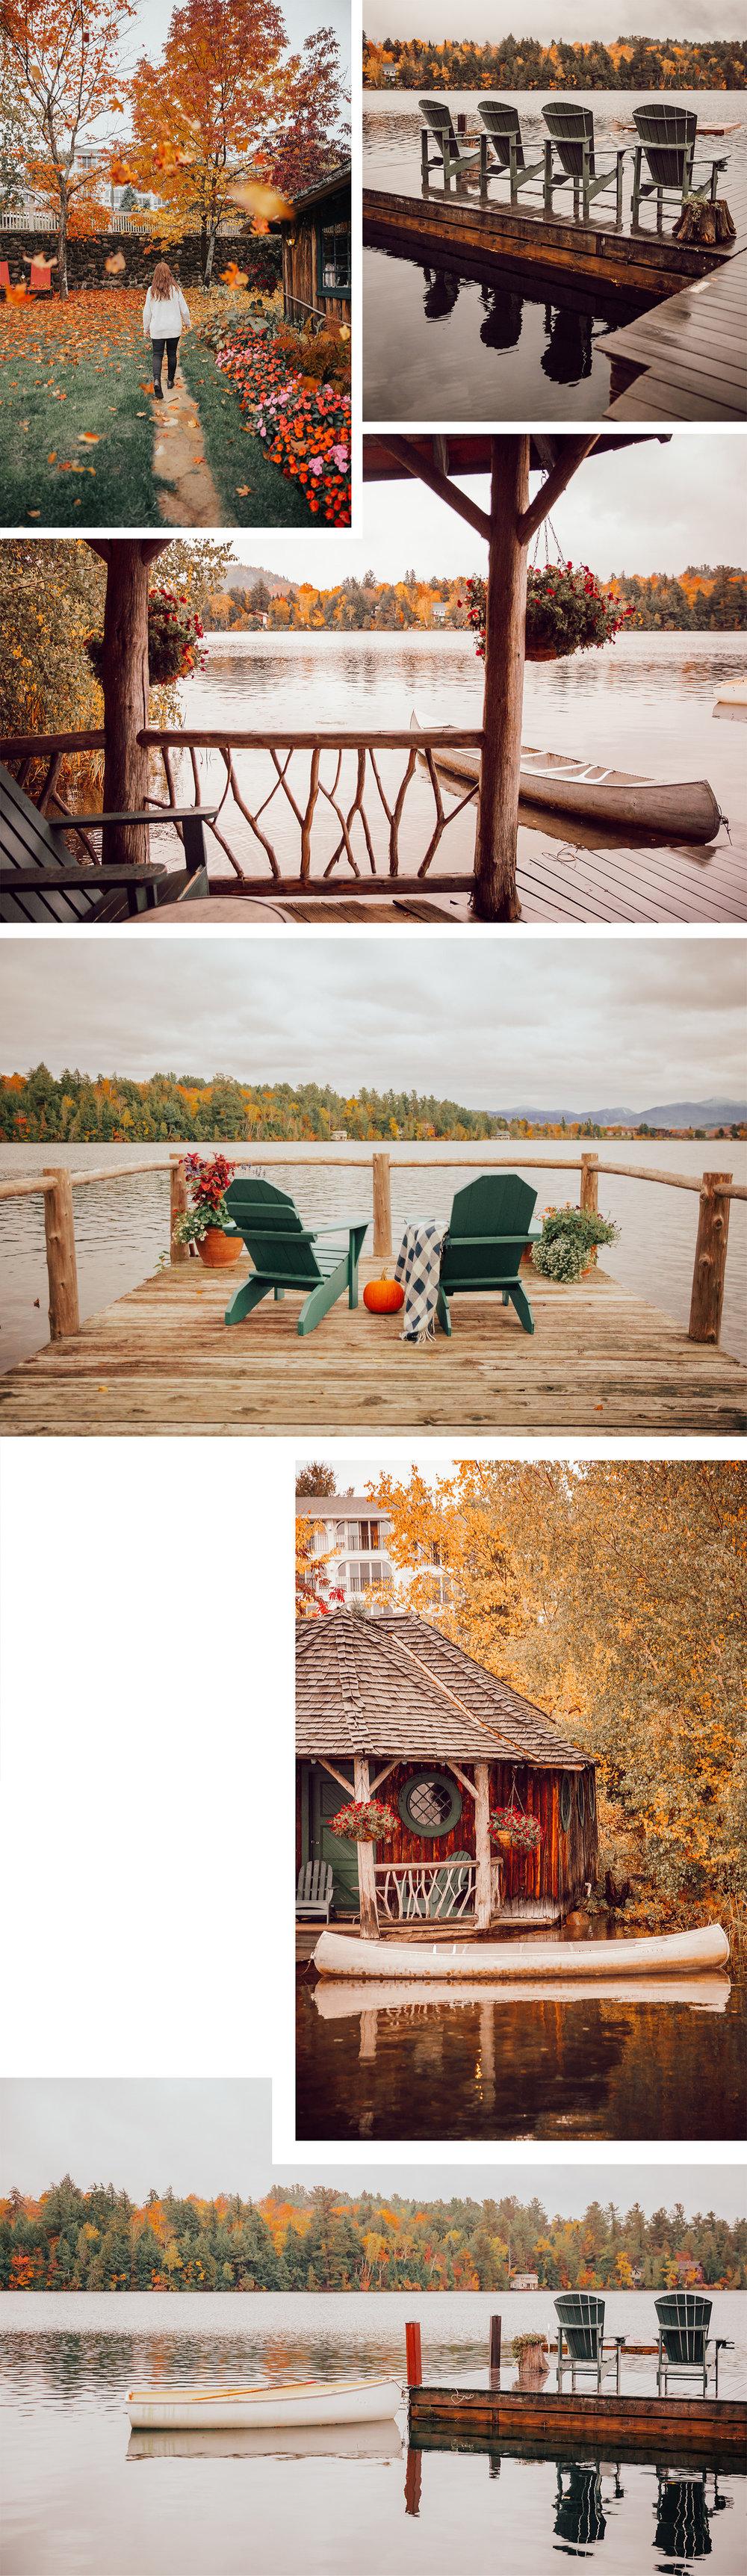 mirrorlakeblog1 2.jpg